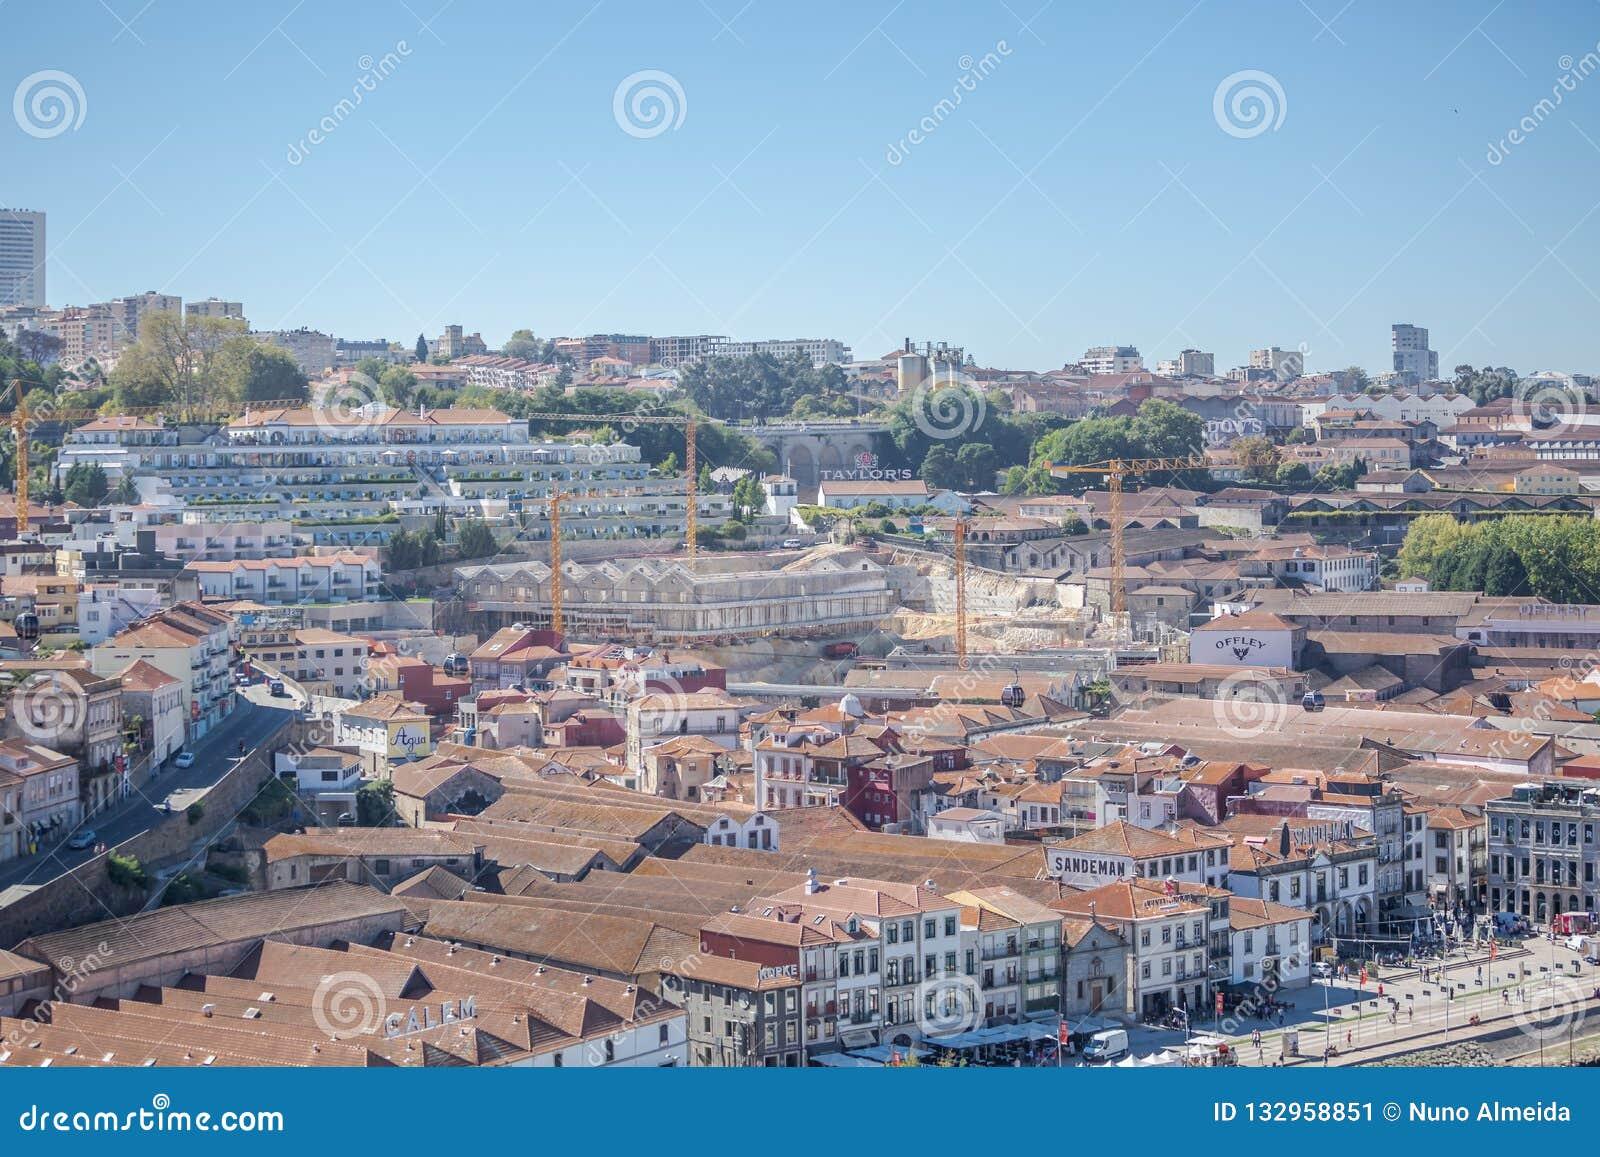 Porto/Portugal - 10/02/2018: Satellietbeeld bij de Douro-rivierbanken op de stad, de pakhuizen en de kelders van Gaia bij de Port